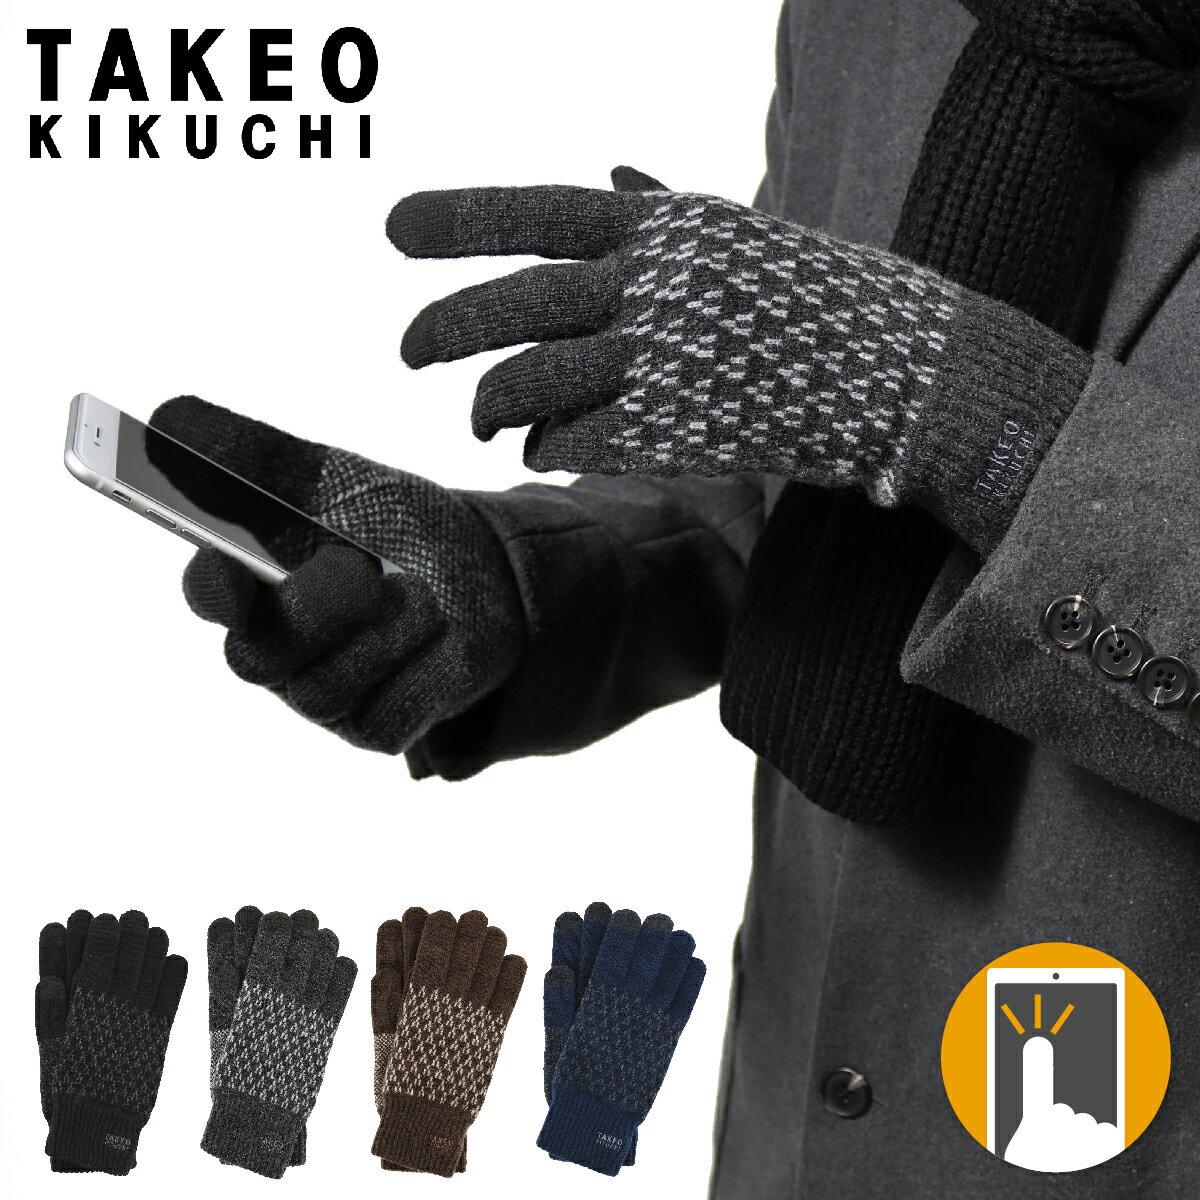 タケオキクチ 手袋 メンズ tk-4038 TAKEO KIKUCHI | 日本製 スマートフォン対応 秋冬 防寒 [即日発送][PO5]